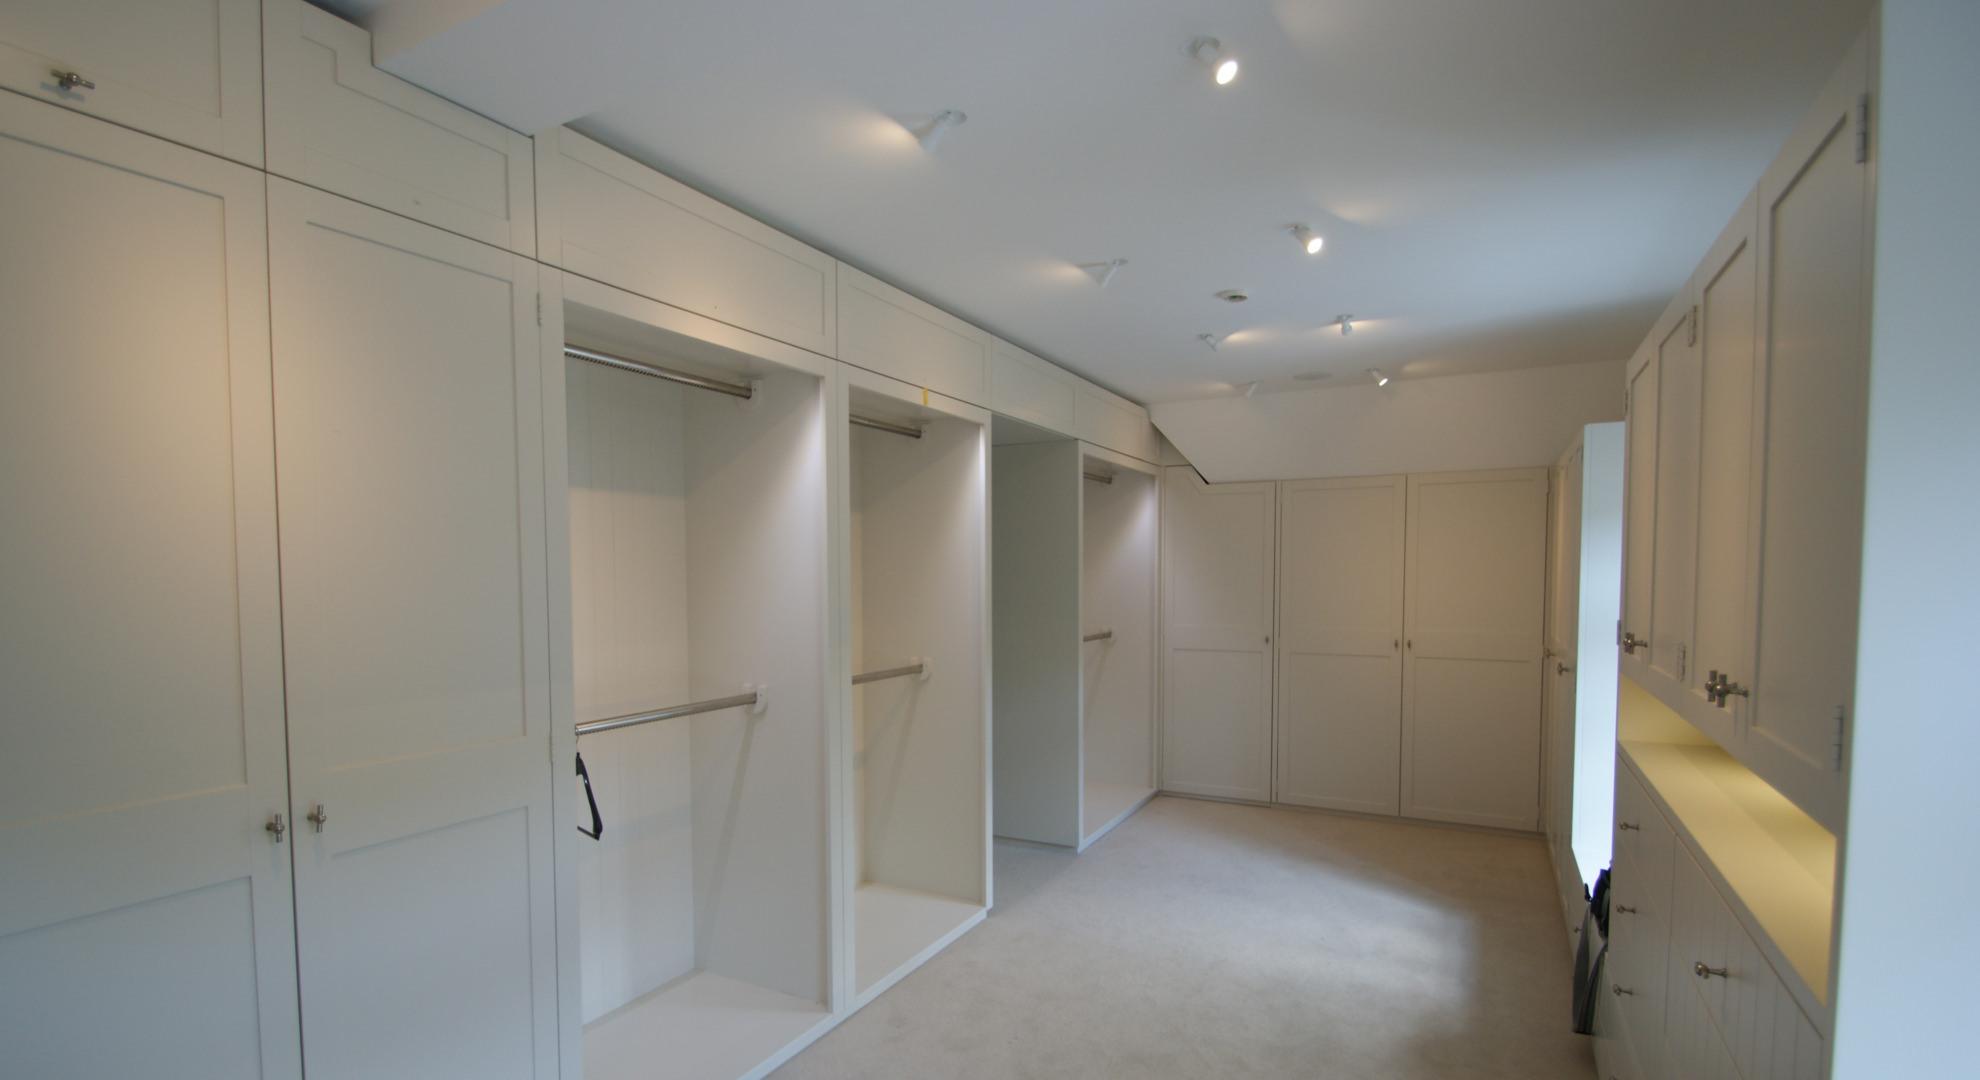 Ankleidezimmer mit offenen und geschlossenen Bereichen in Mattlack